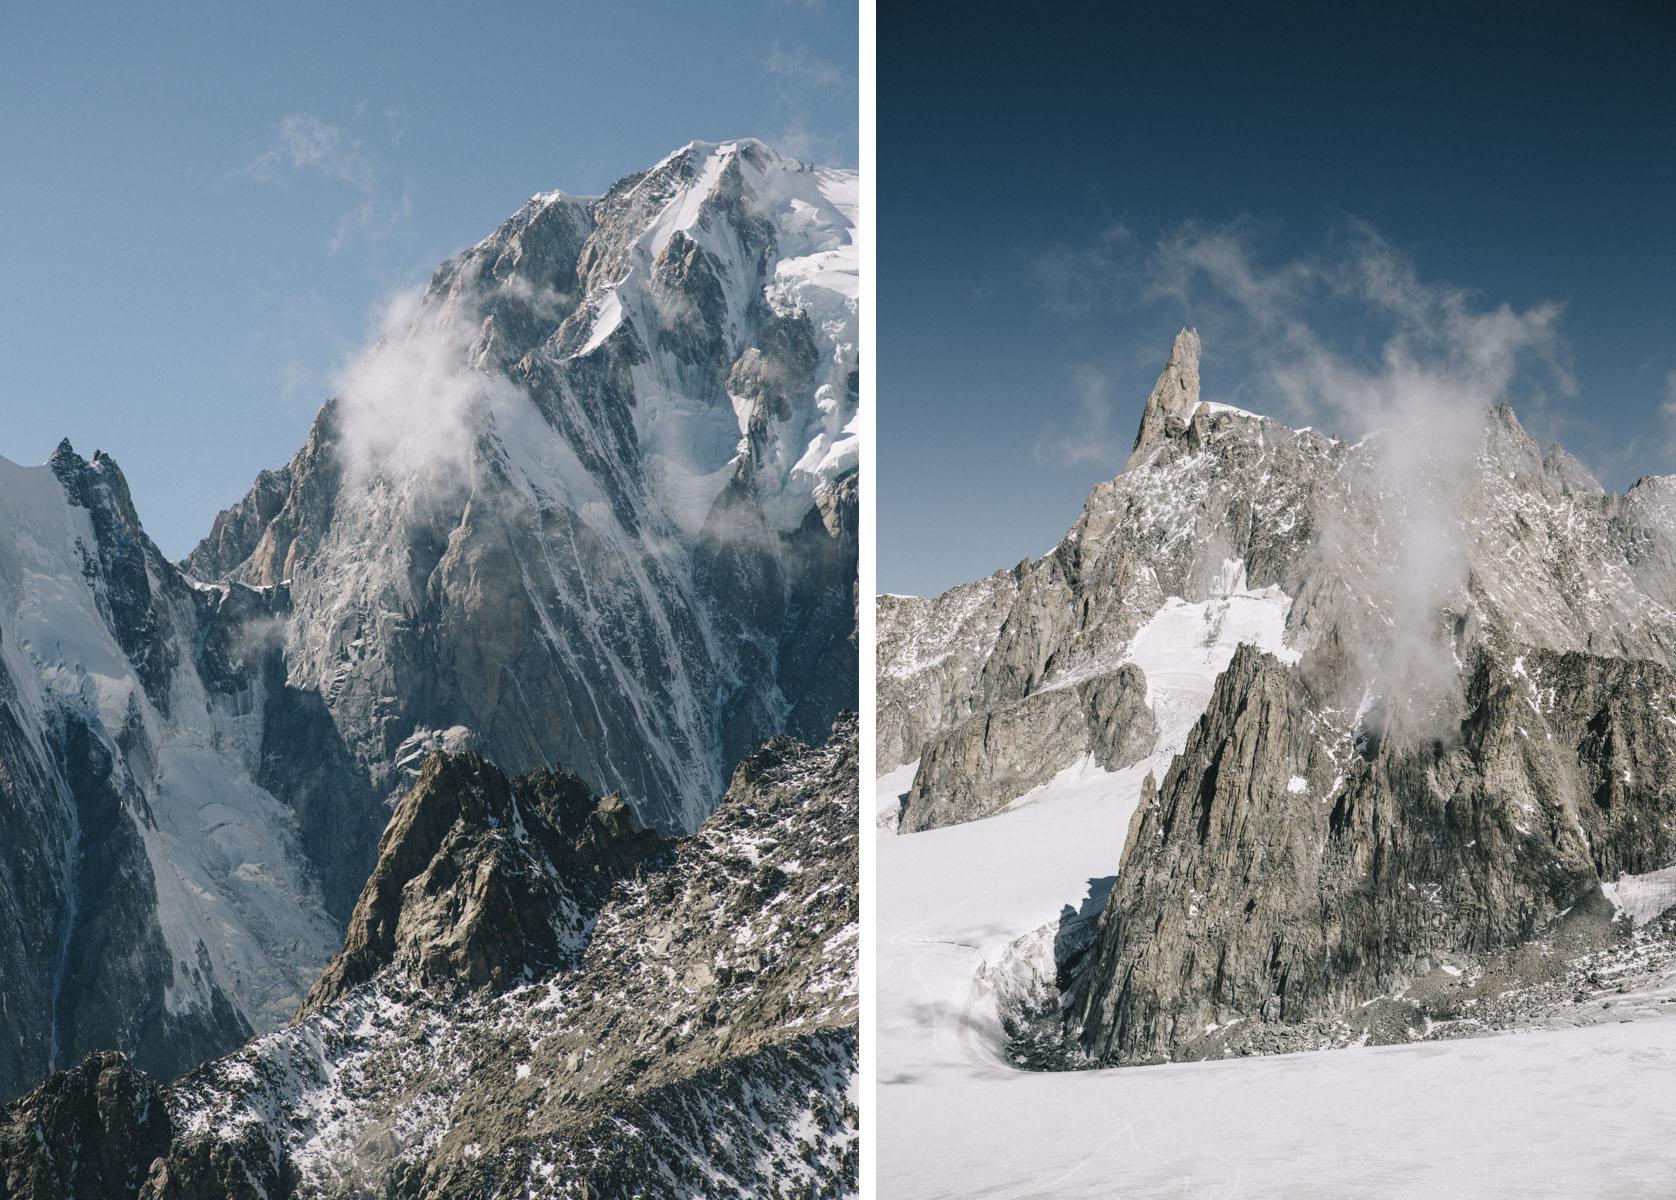 Dent du géant et Mont-blanc